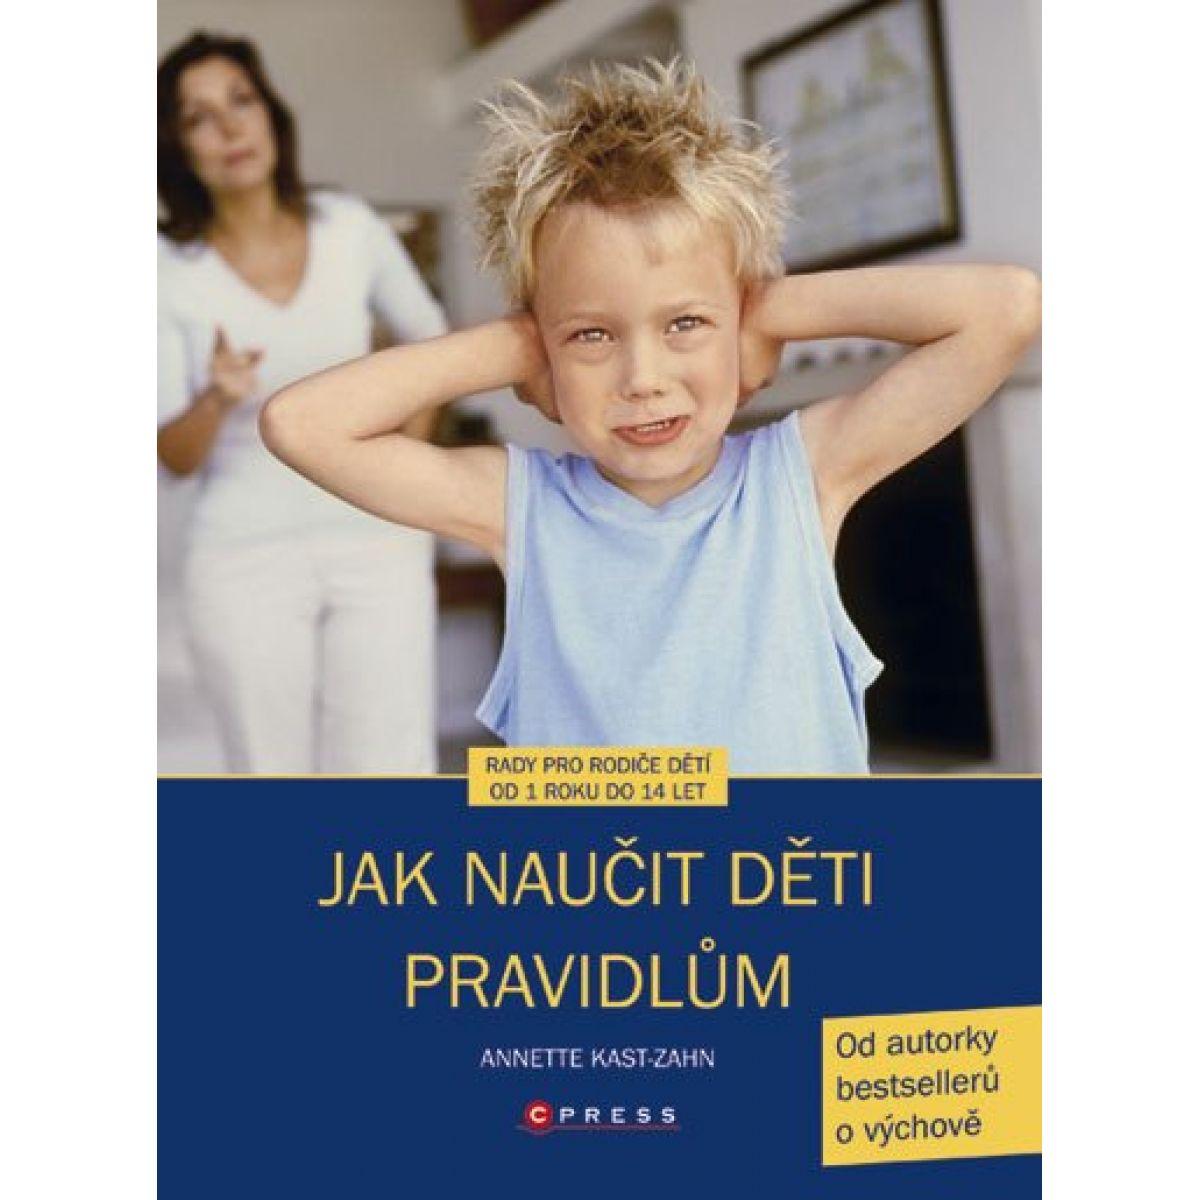 Ako naučiť deti pravidlám - Annette Kast-Zahn